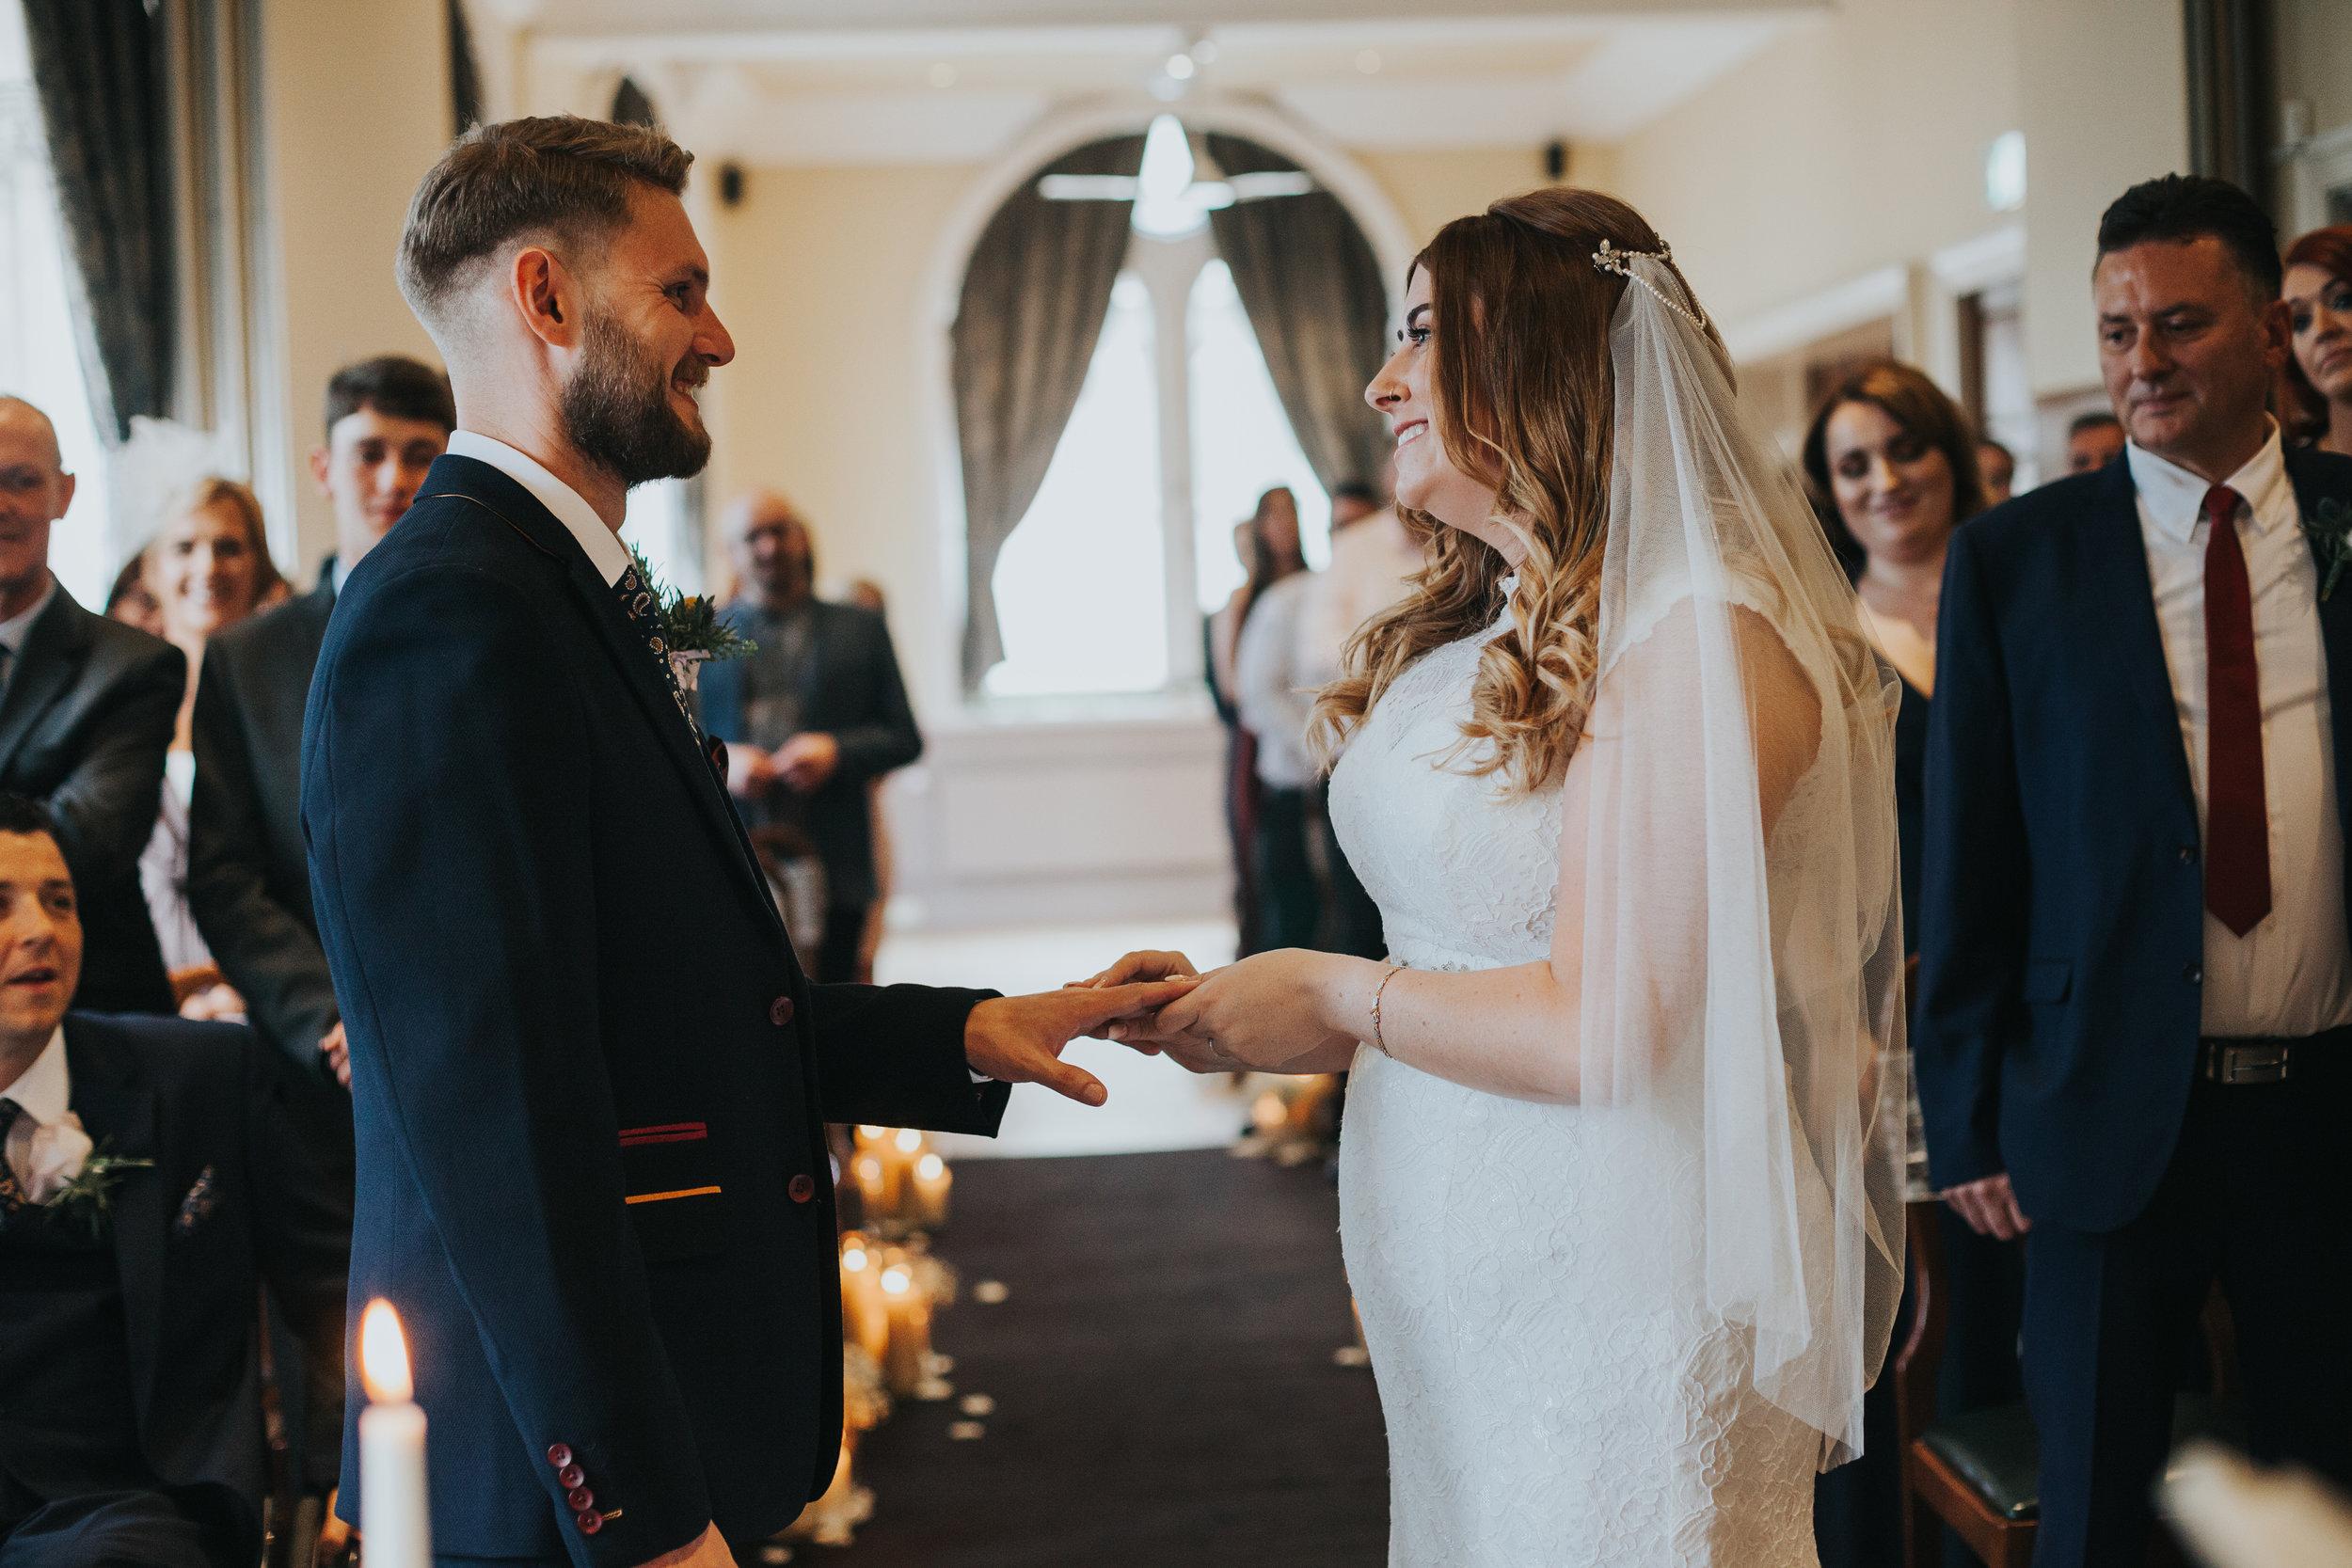 Bride and groom exchange wedding rings.